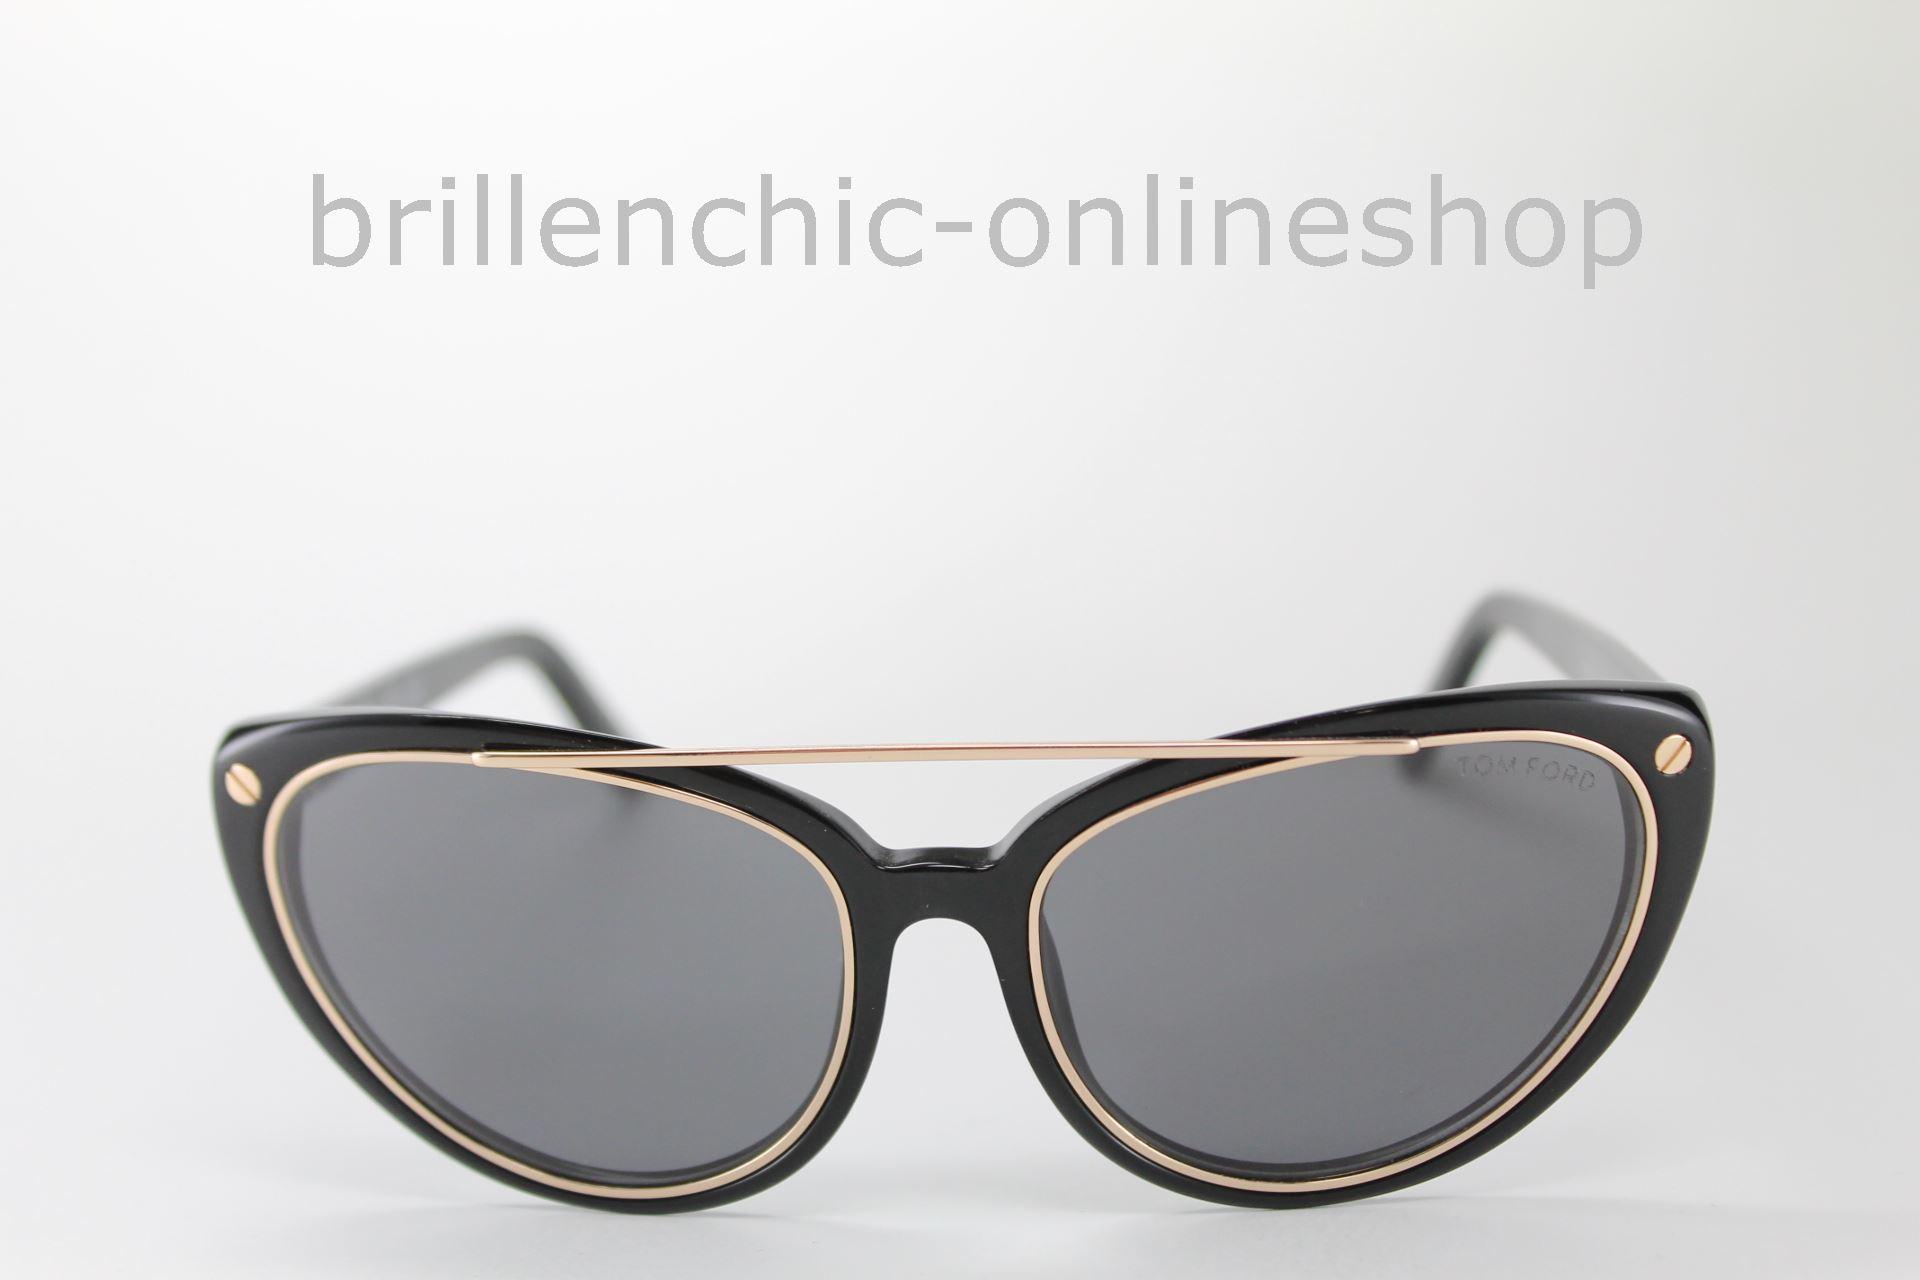 4ce21e081a3 Brillenchic - onlineshop Berlin Ihr starker Partner für exklusive Brillen  online kaufen TOM FORD TF 384 01A EDITA exklusiv im Brillenchic-Onlineshop